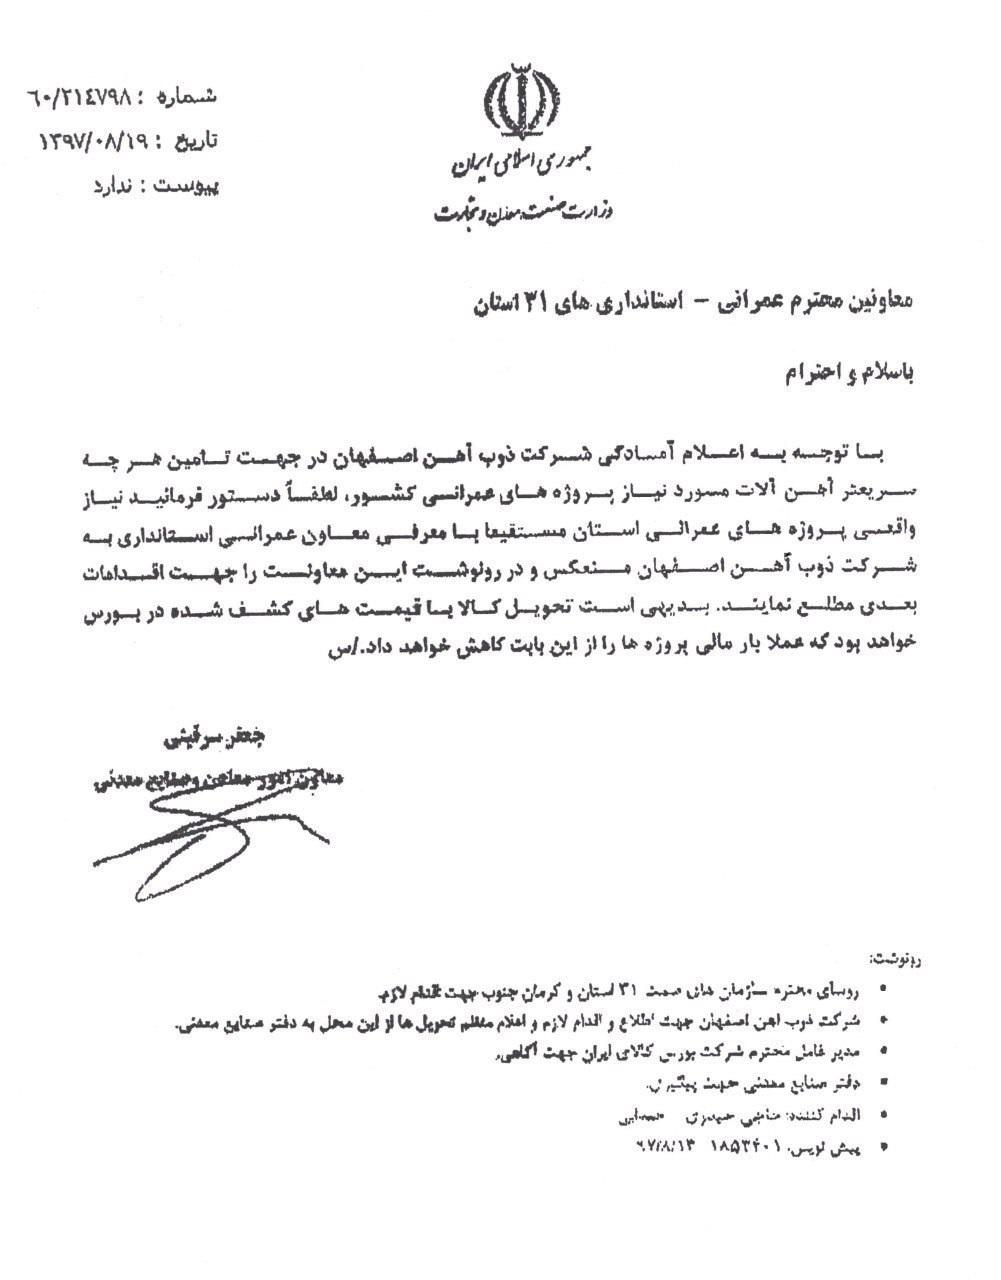 مجوز فروش محصولات ذوب آهن اصفهان در خارج از بورس کالا صادر شد